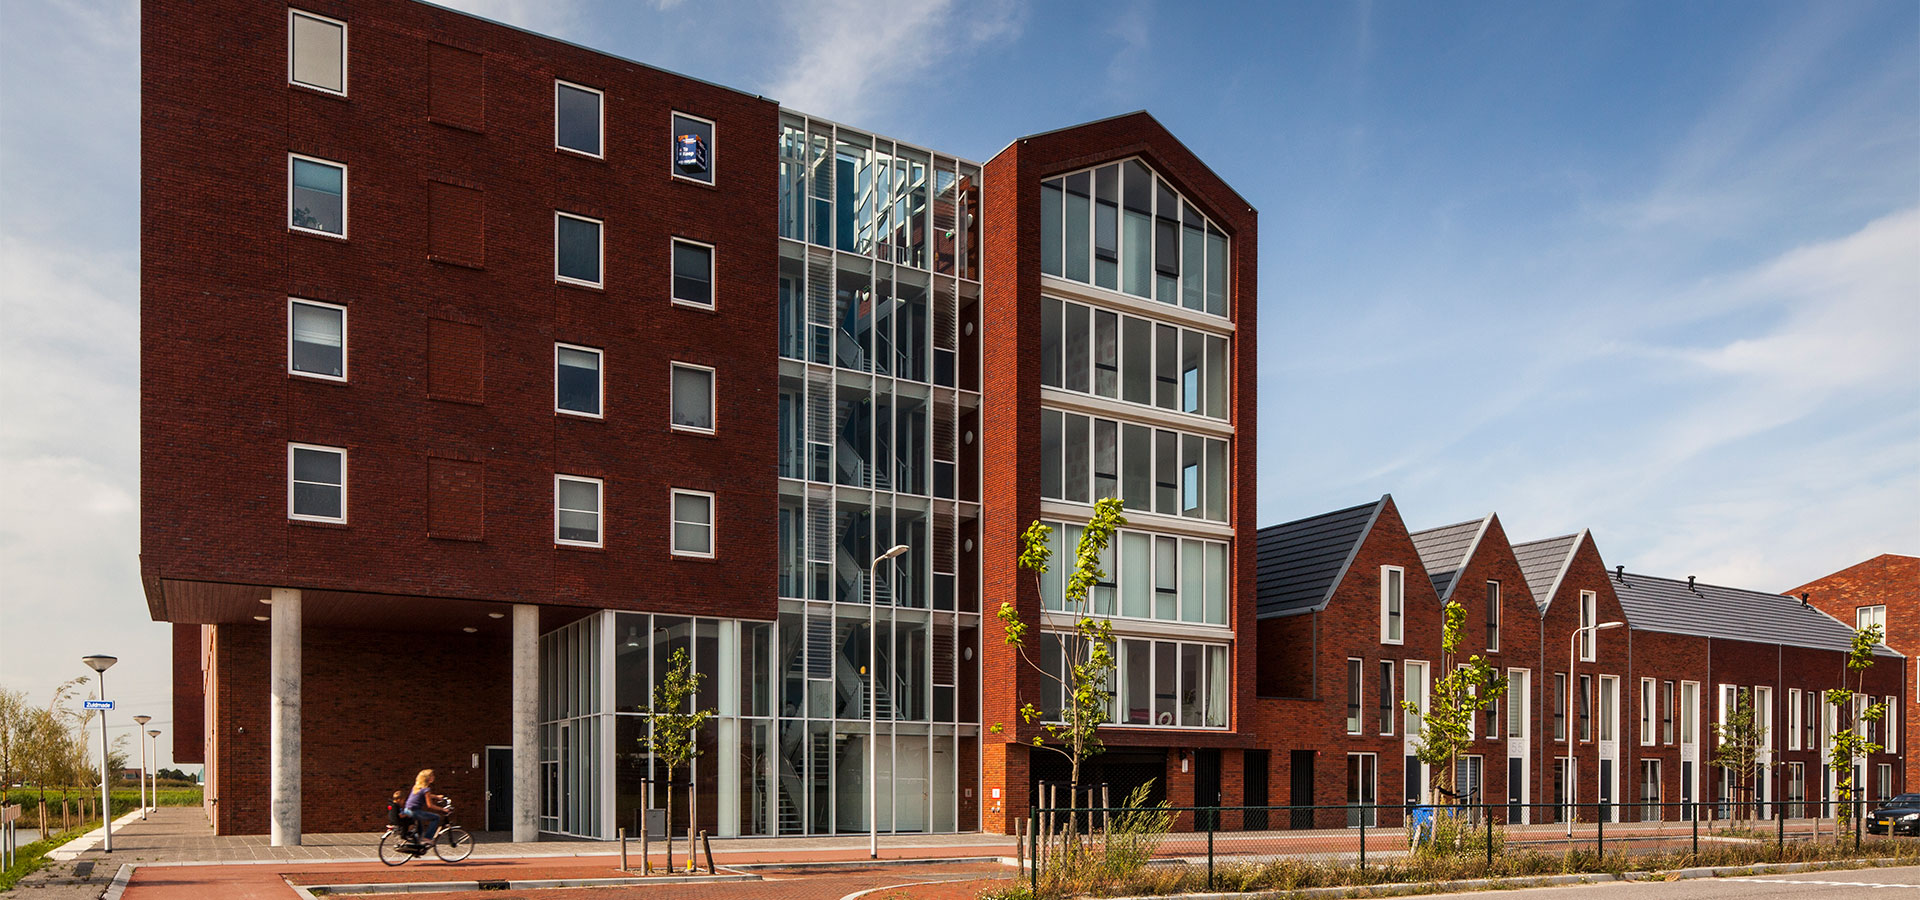 FARO architecten Harnaschpolder Delft 11